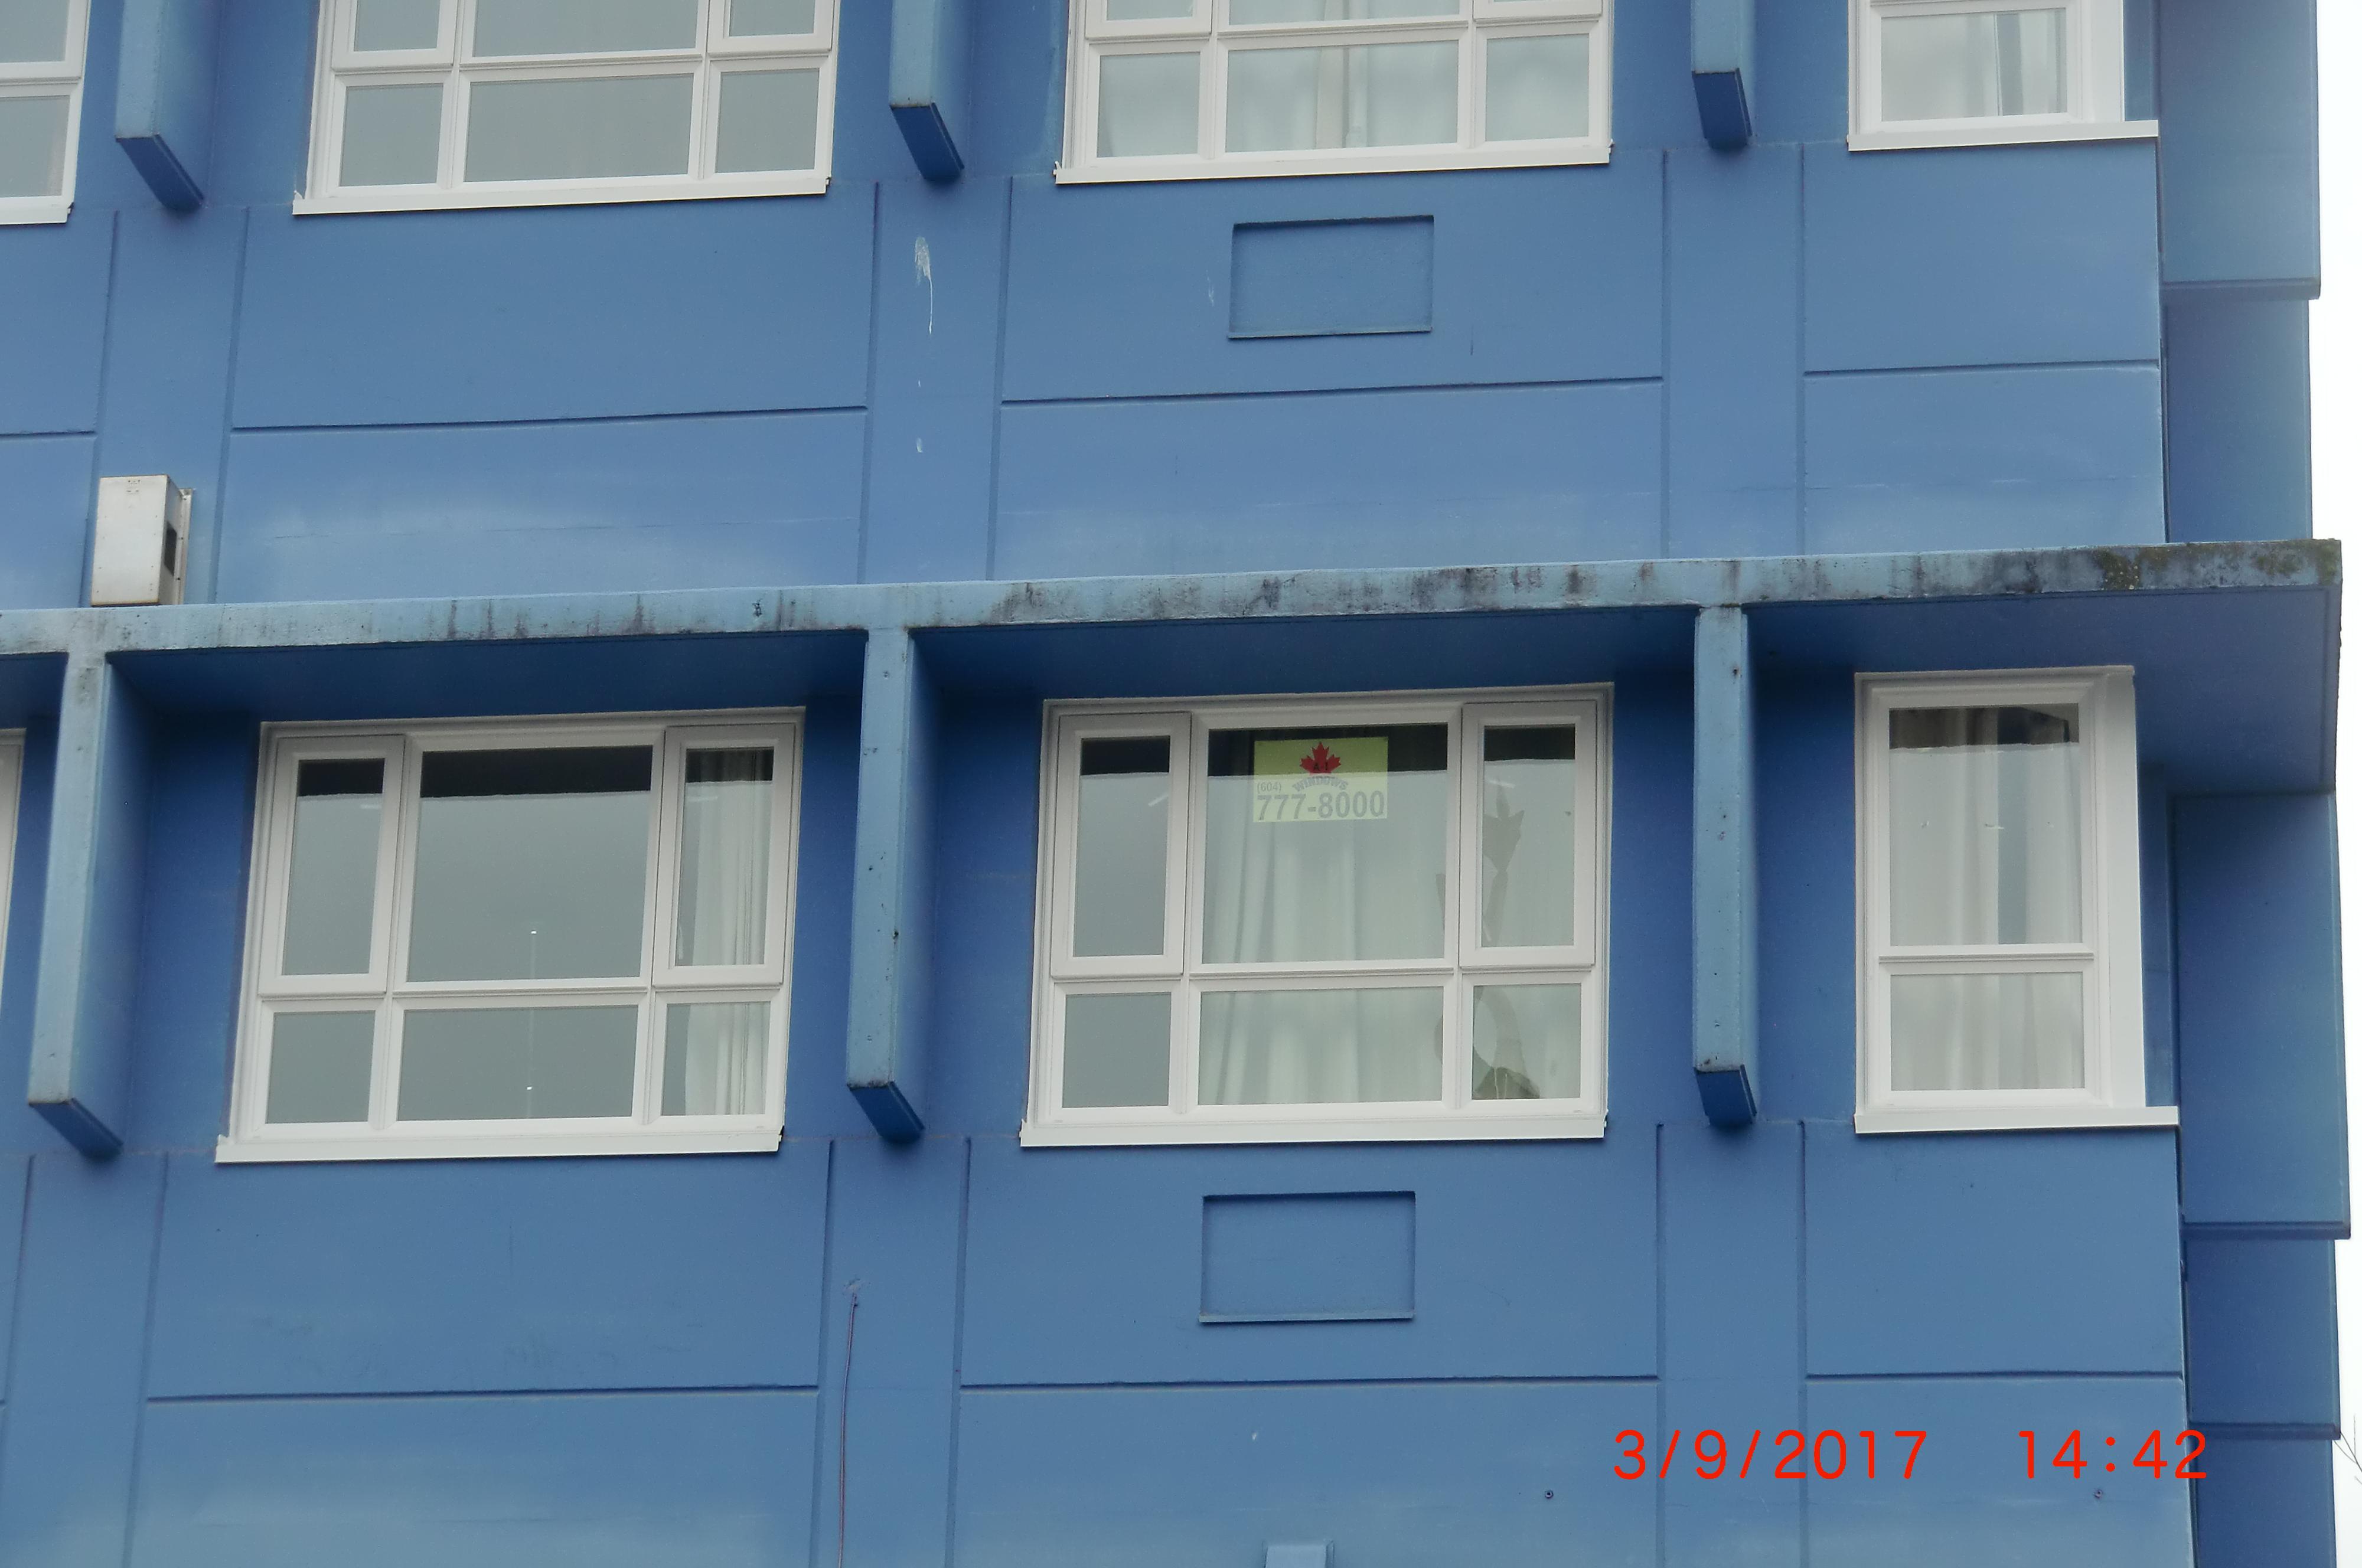 LowE Vinyl Window Project - A1 Windows